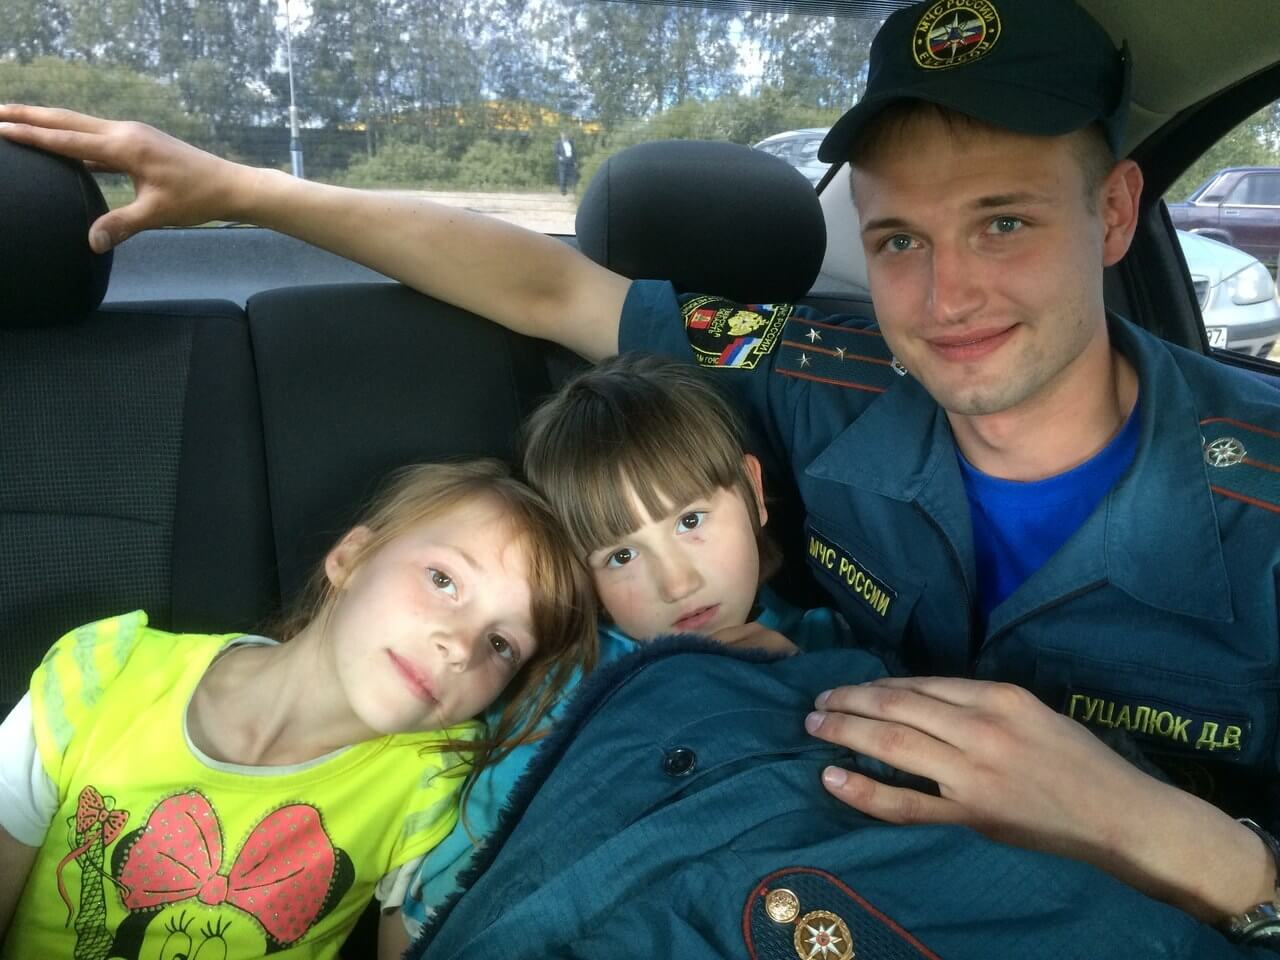 Дети, пропавшие в Конаковском районе, найдены живыми и здоровыми